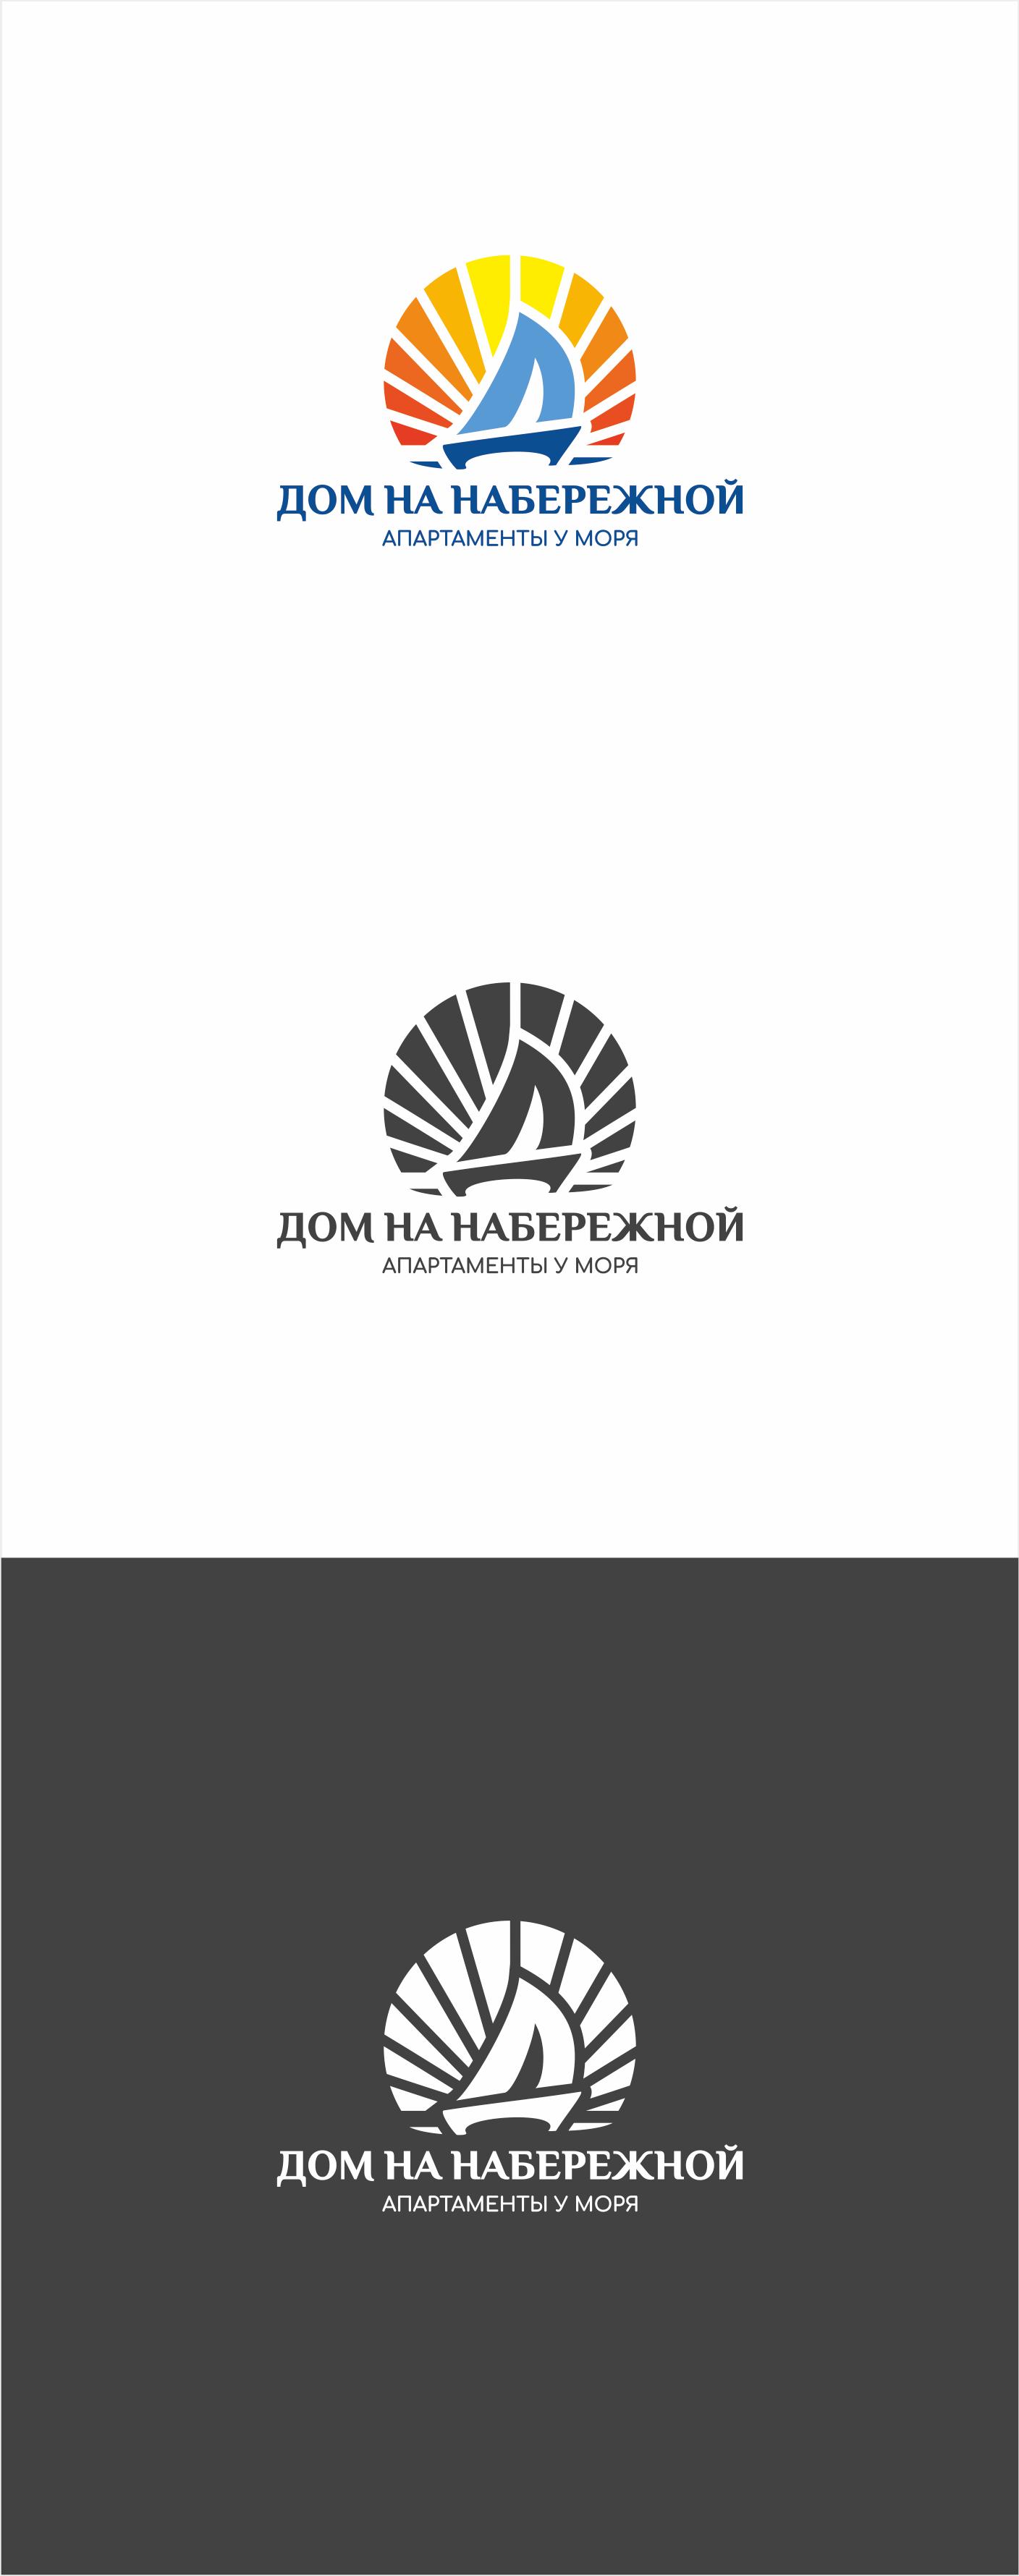 РАЗРАБОТКА логотипа для ЖИЛОГО КОМПЛЕКСА премиум В АНАПЕ.  фото f_4825de8cfea167b1.png